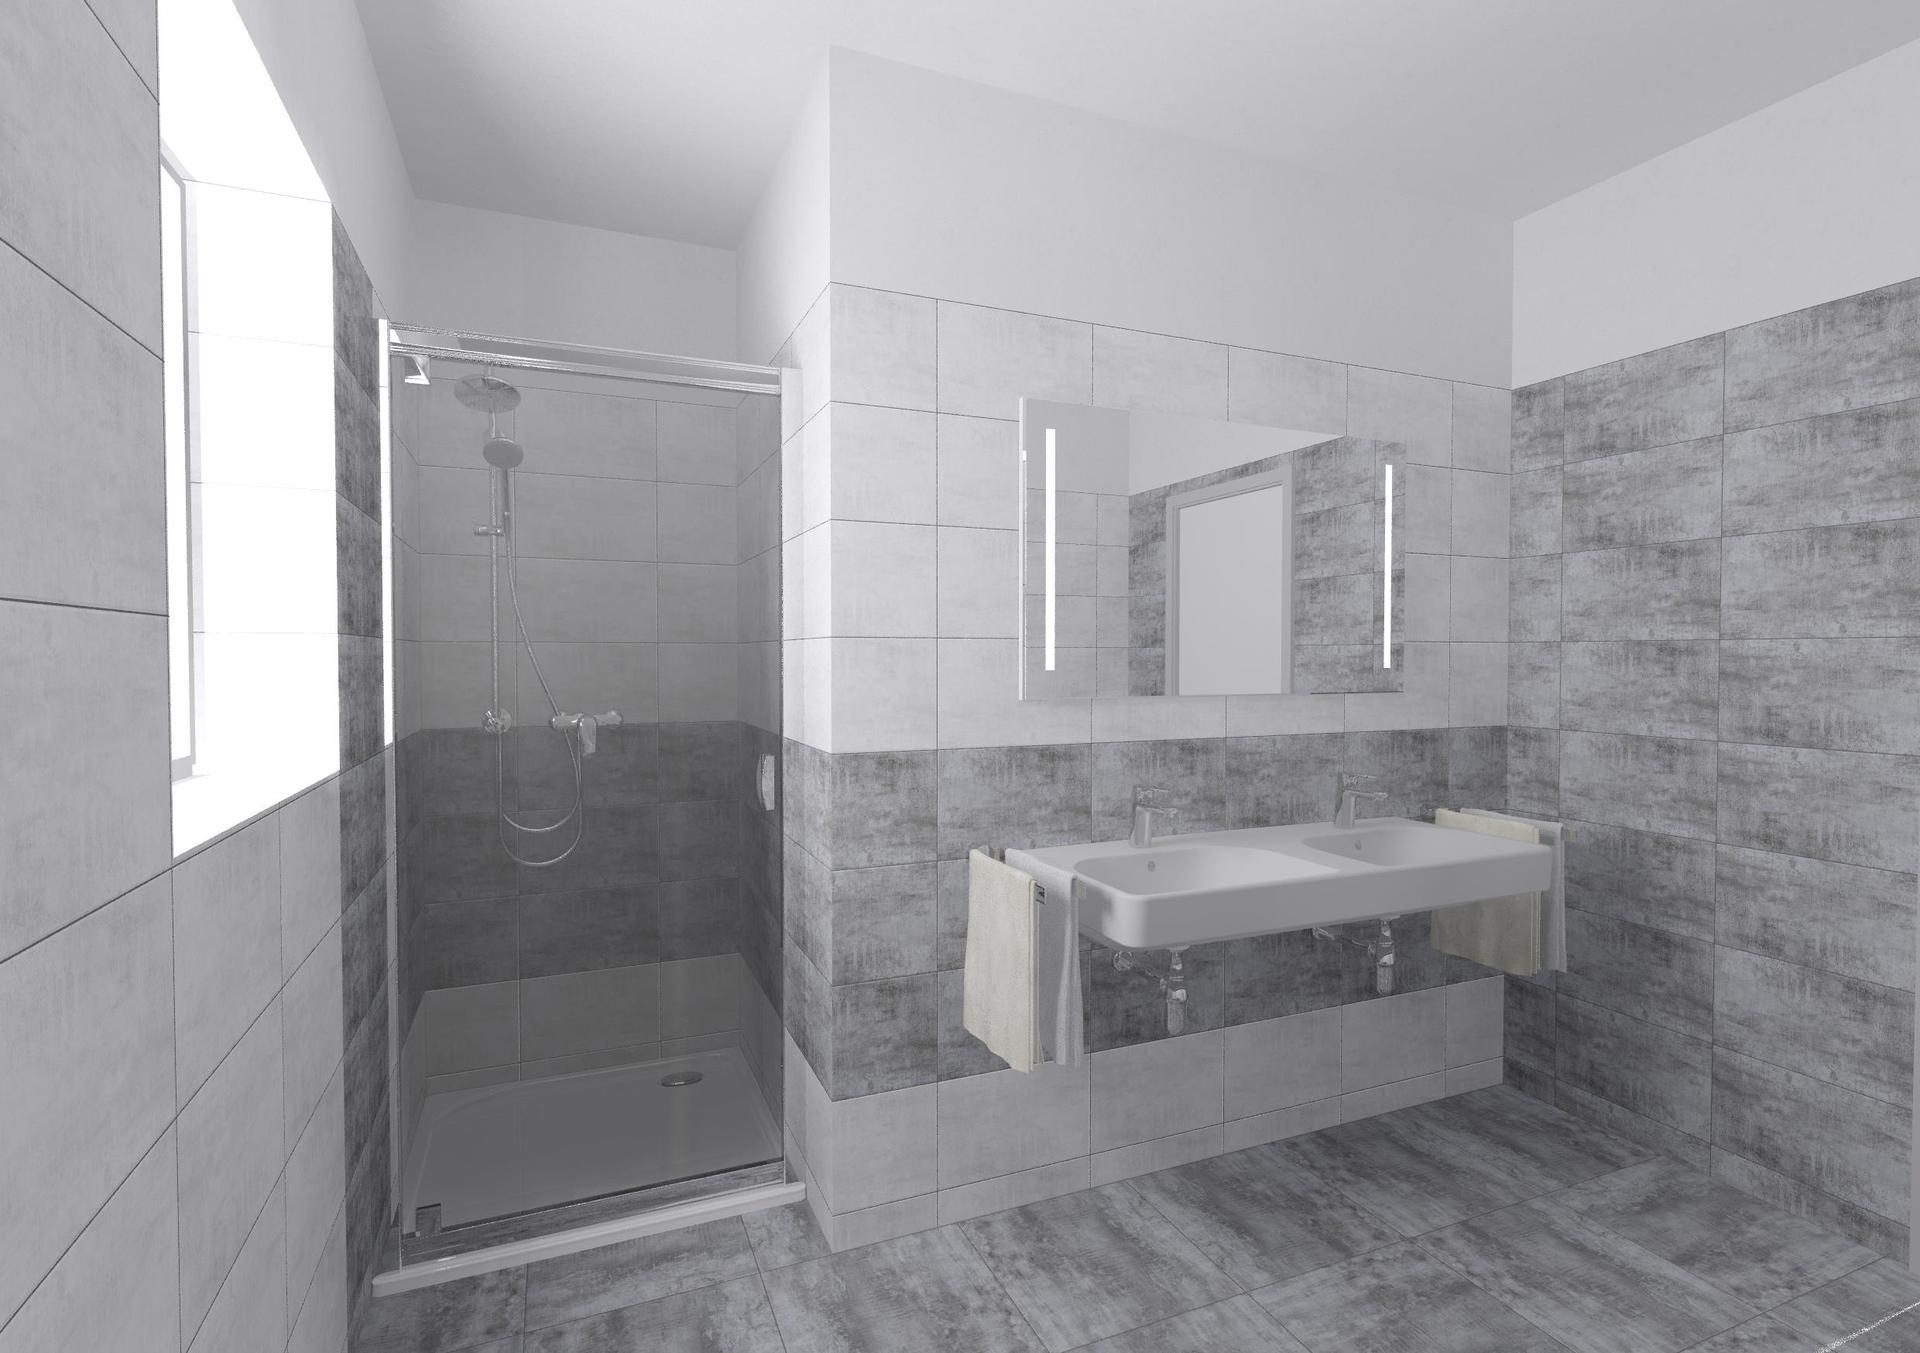 Koupelna a toaleta - návrh - Obrázek č. 4